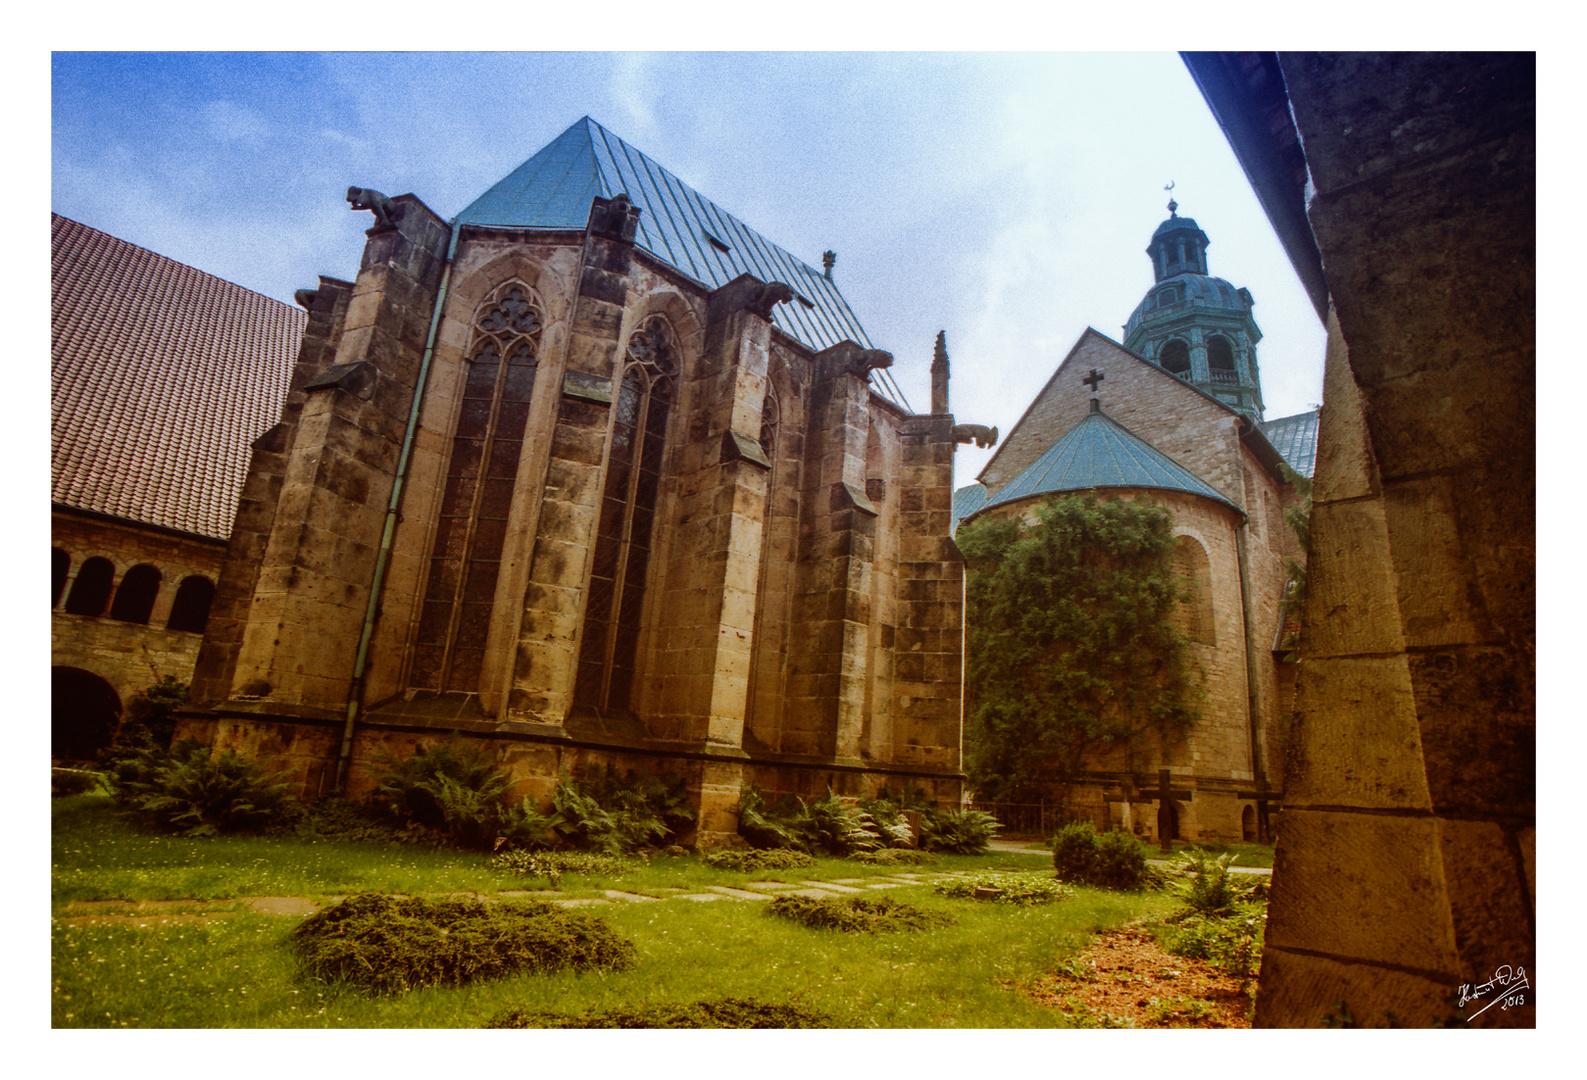 Marienkloster zu Hildesheim